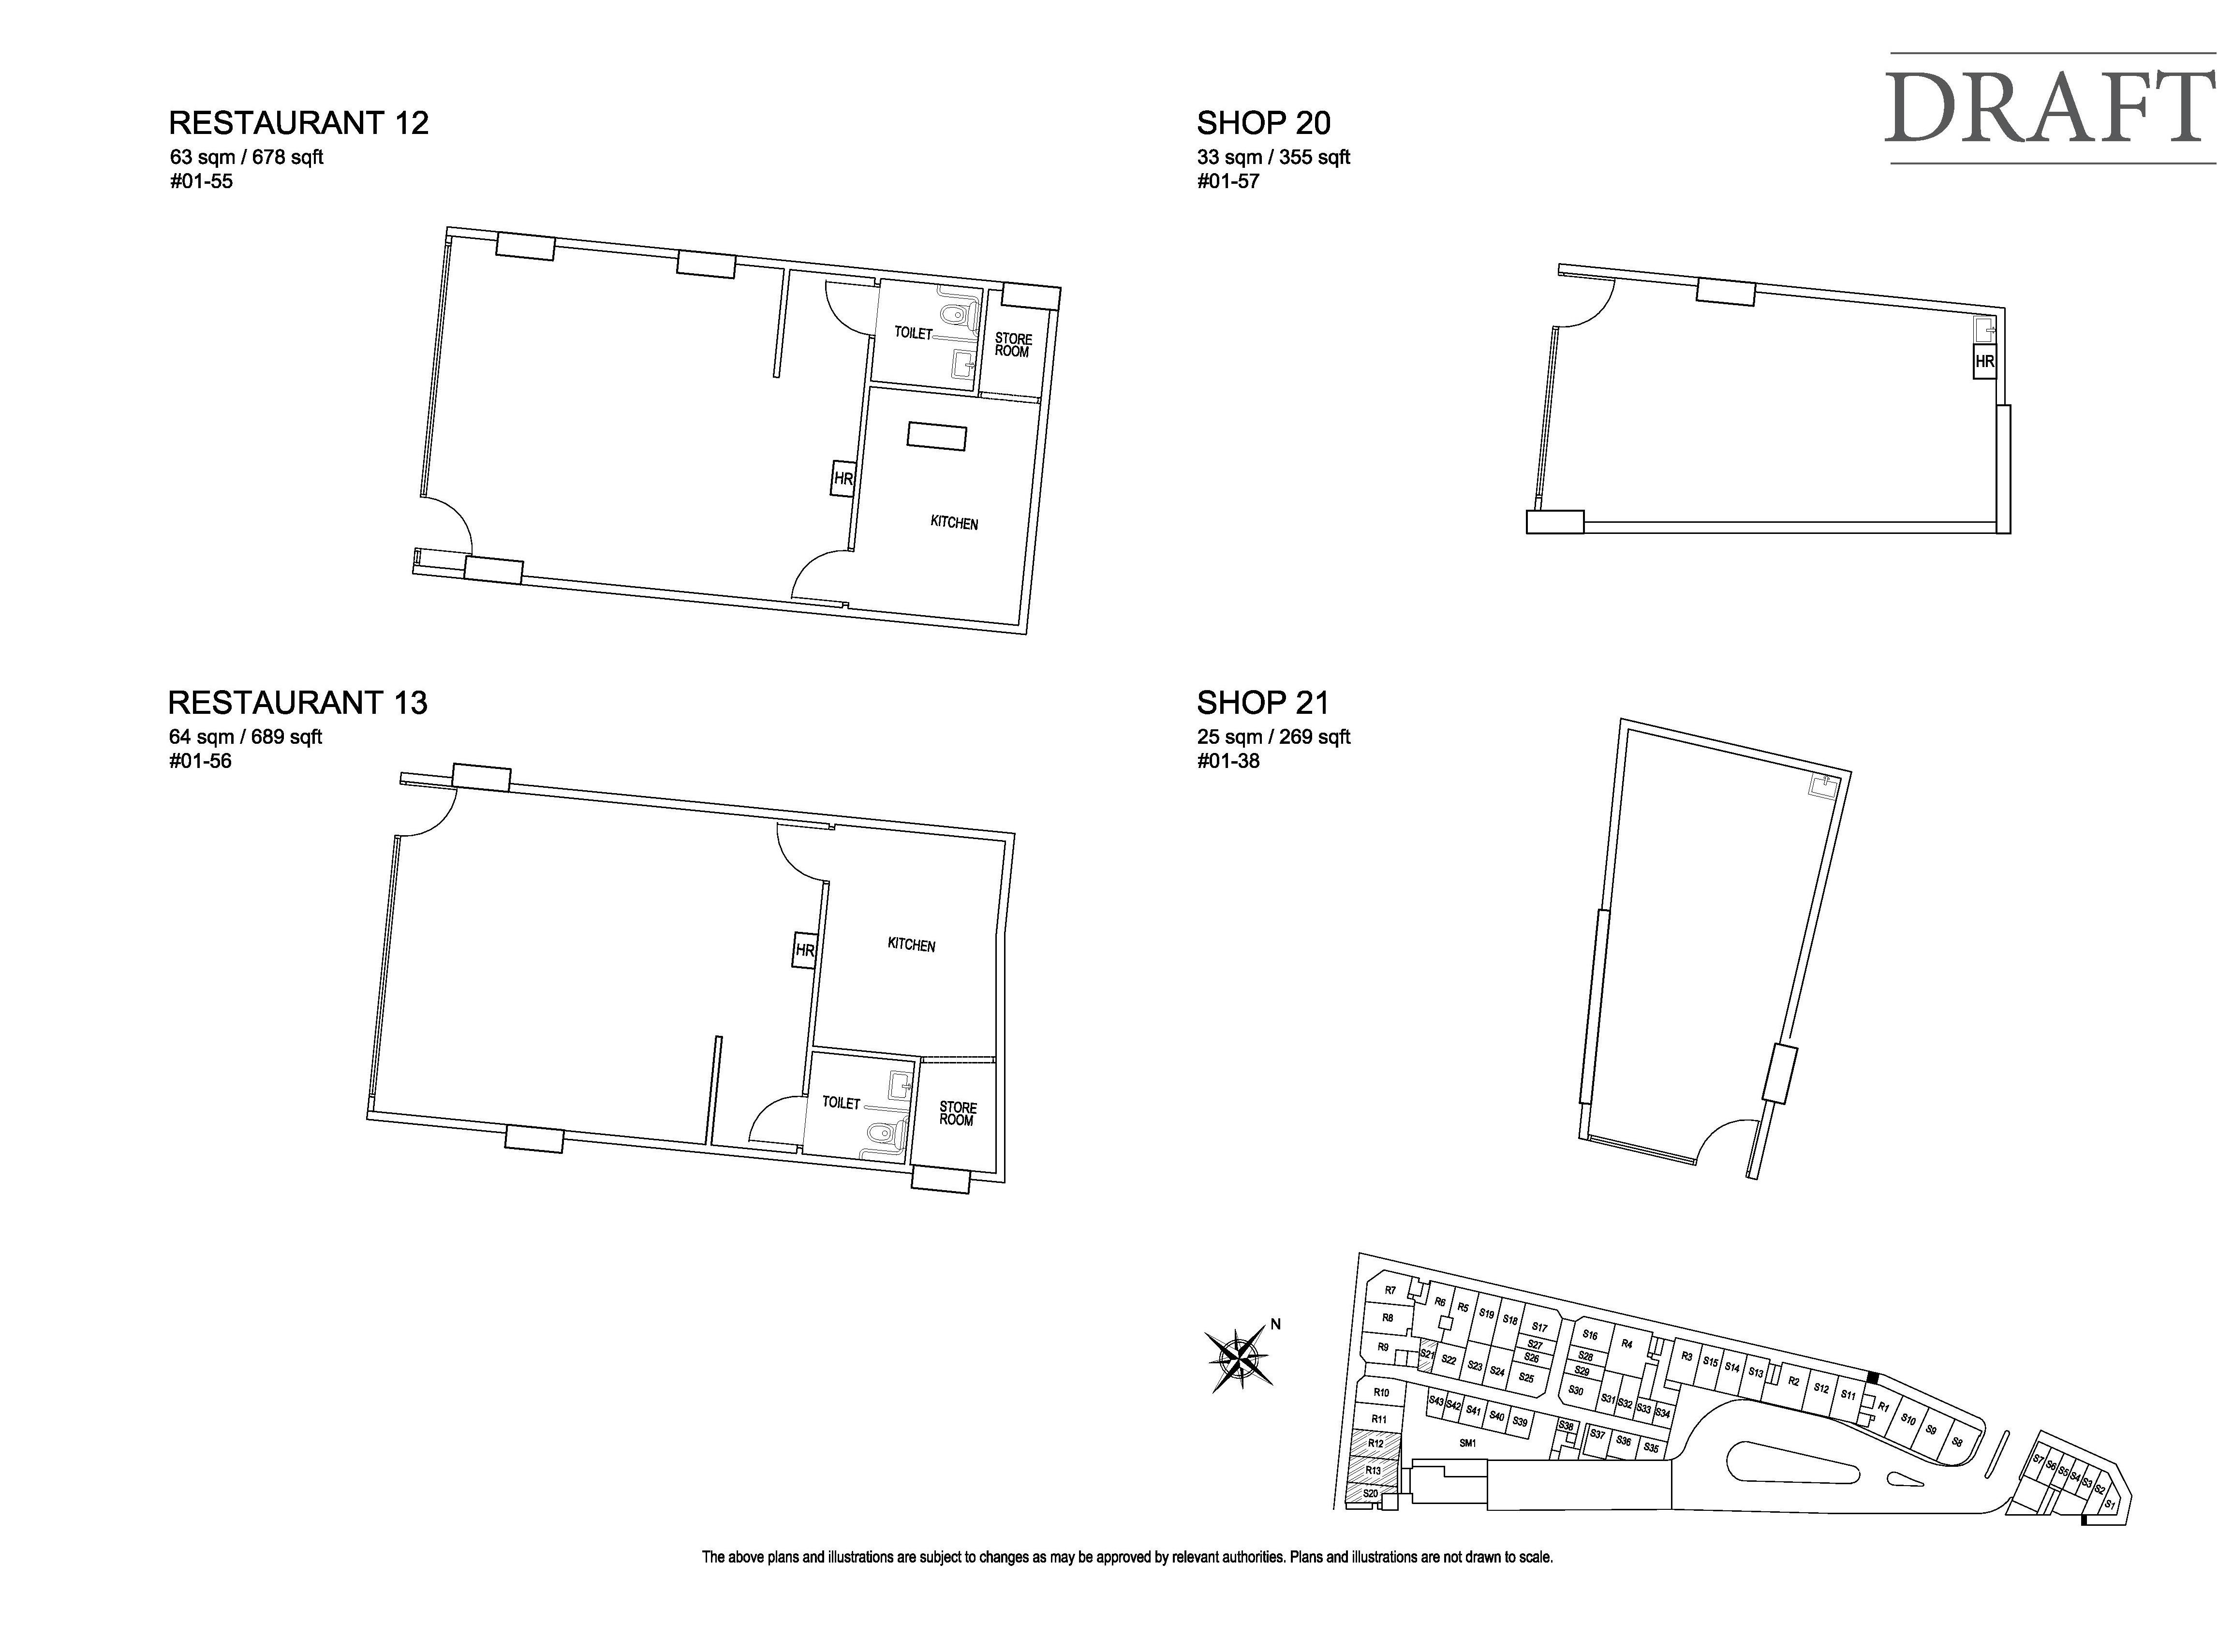 Kensington Square Restaurant 12,13, Shop 20,21 Floor Plans